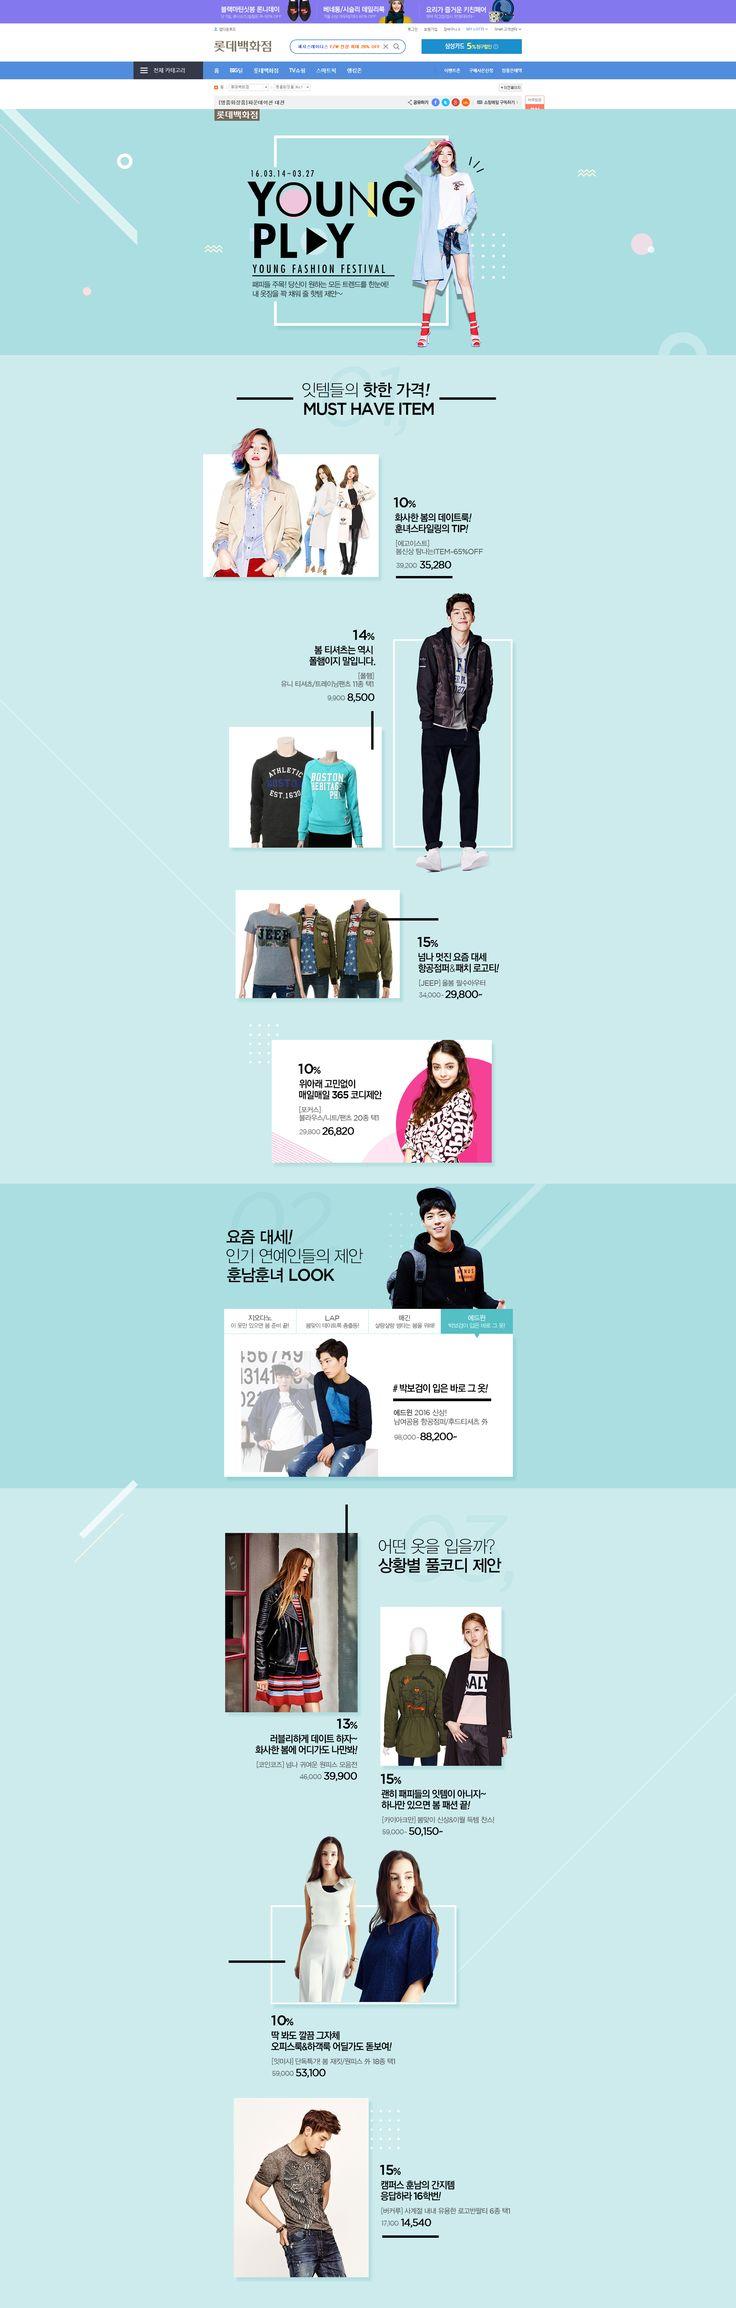 [롯데백화점] 2016영패션 페스티벌 Designed by 박지원